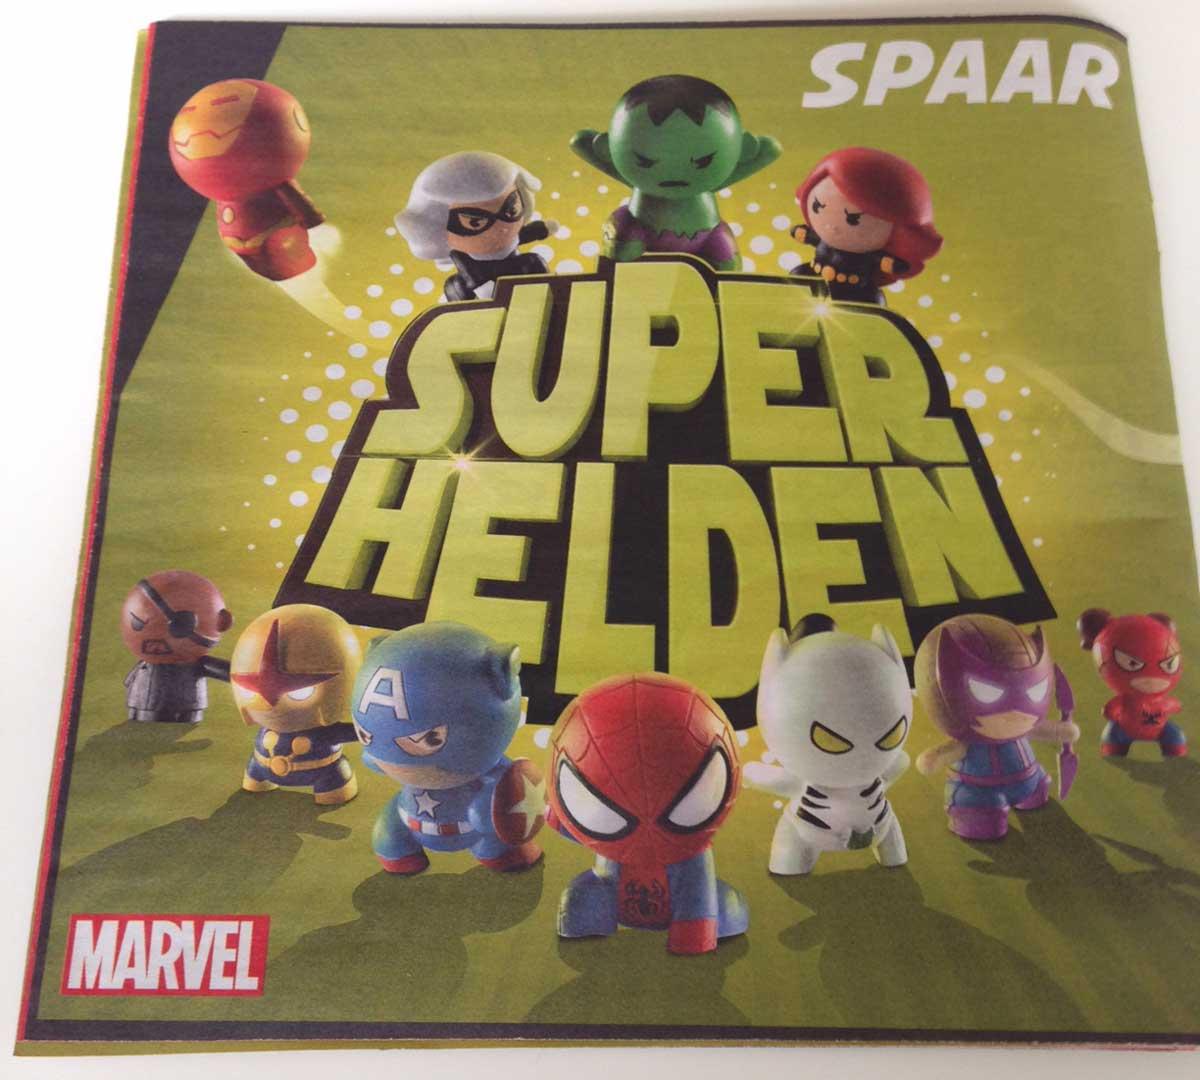 PLUS: Marvel Superhelden Spaaractie